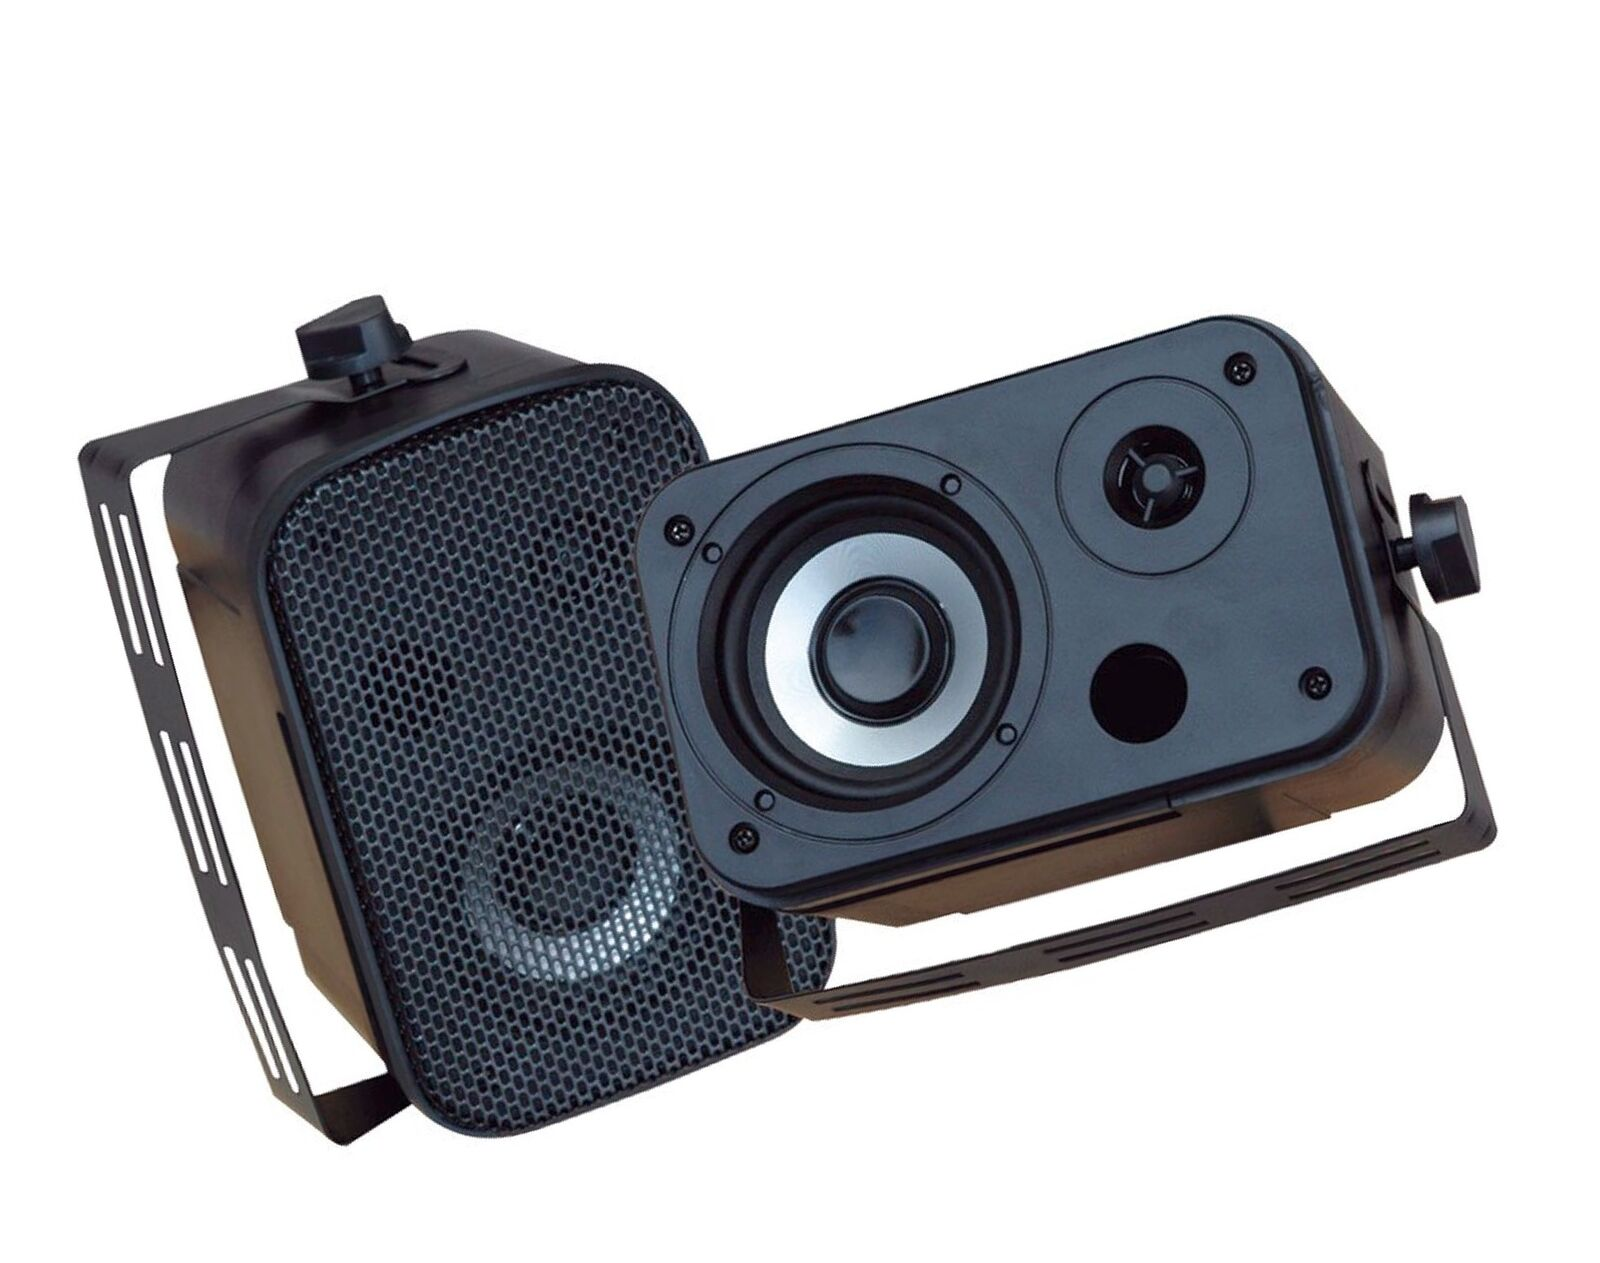 Dual Waterproof Outdoor Speaker System - 3.5 Inch Pair of Weatherproof Wall  ...